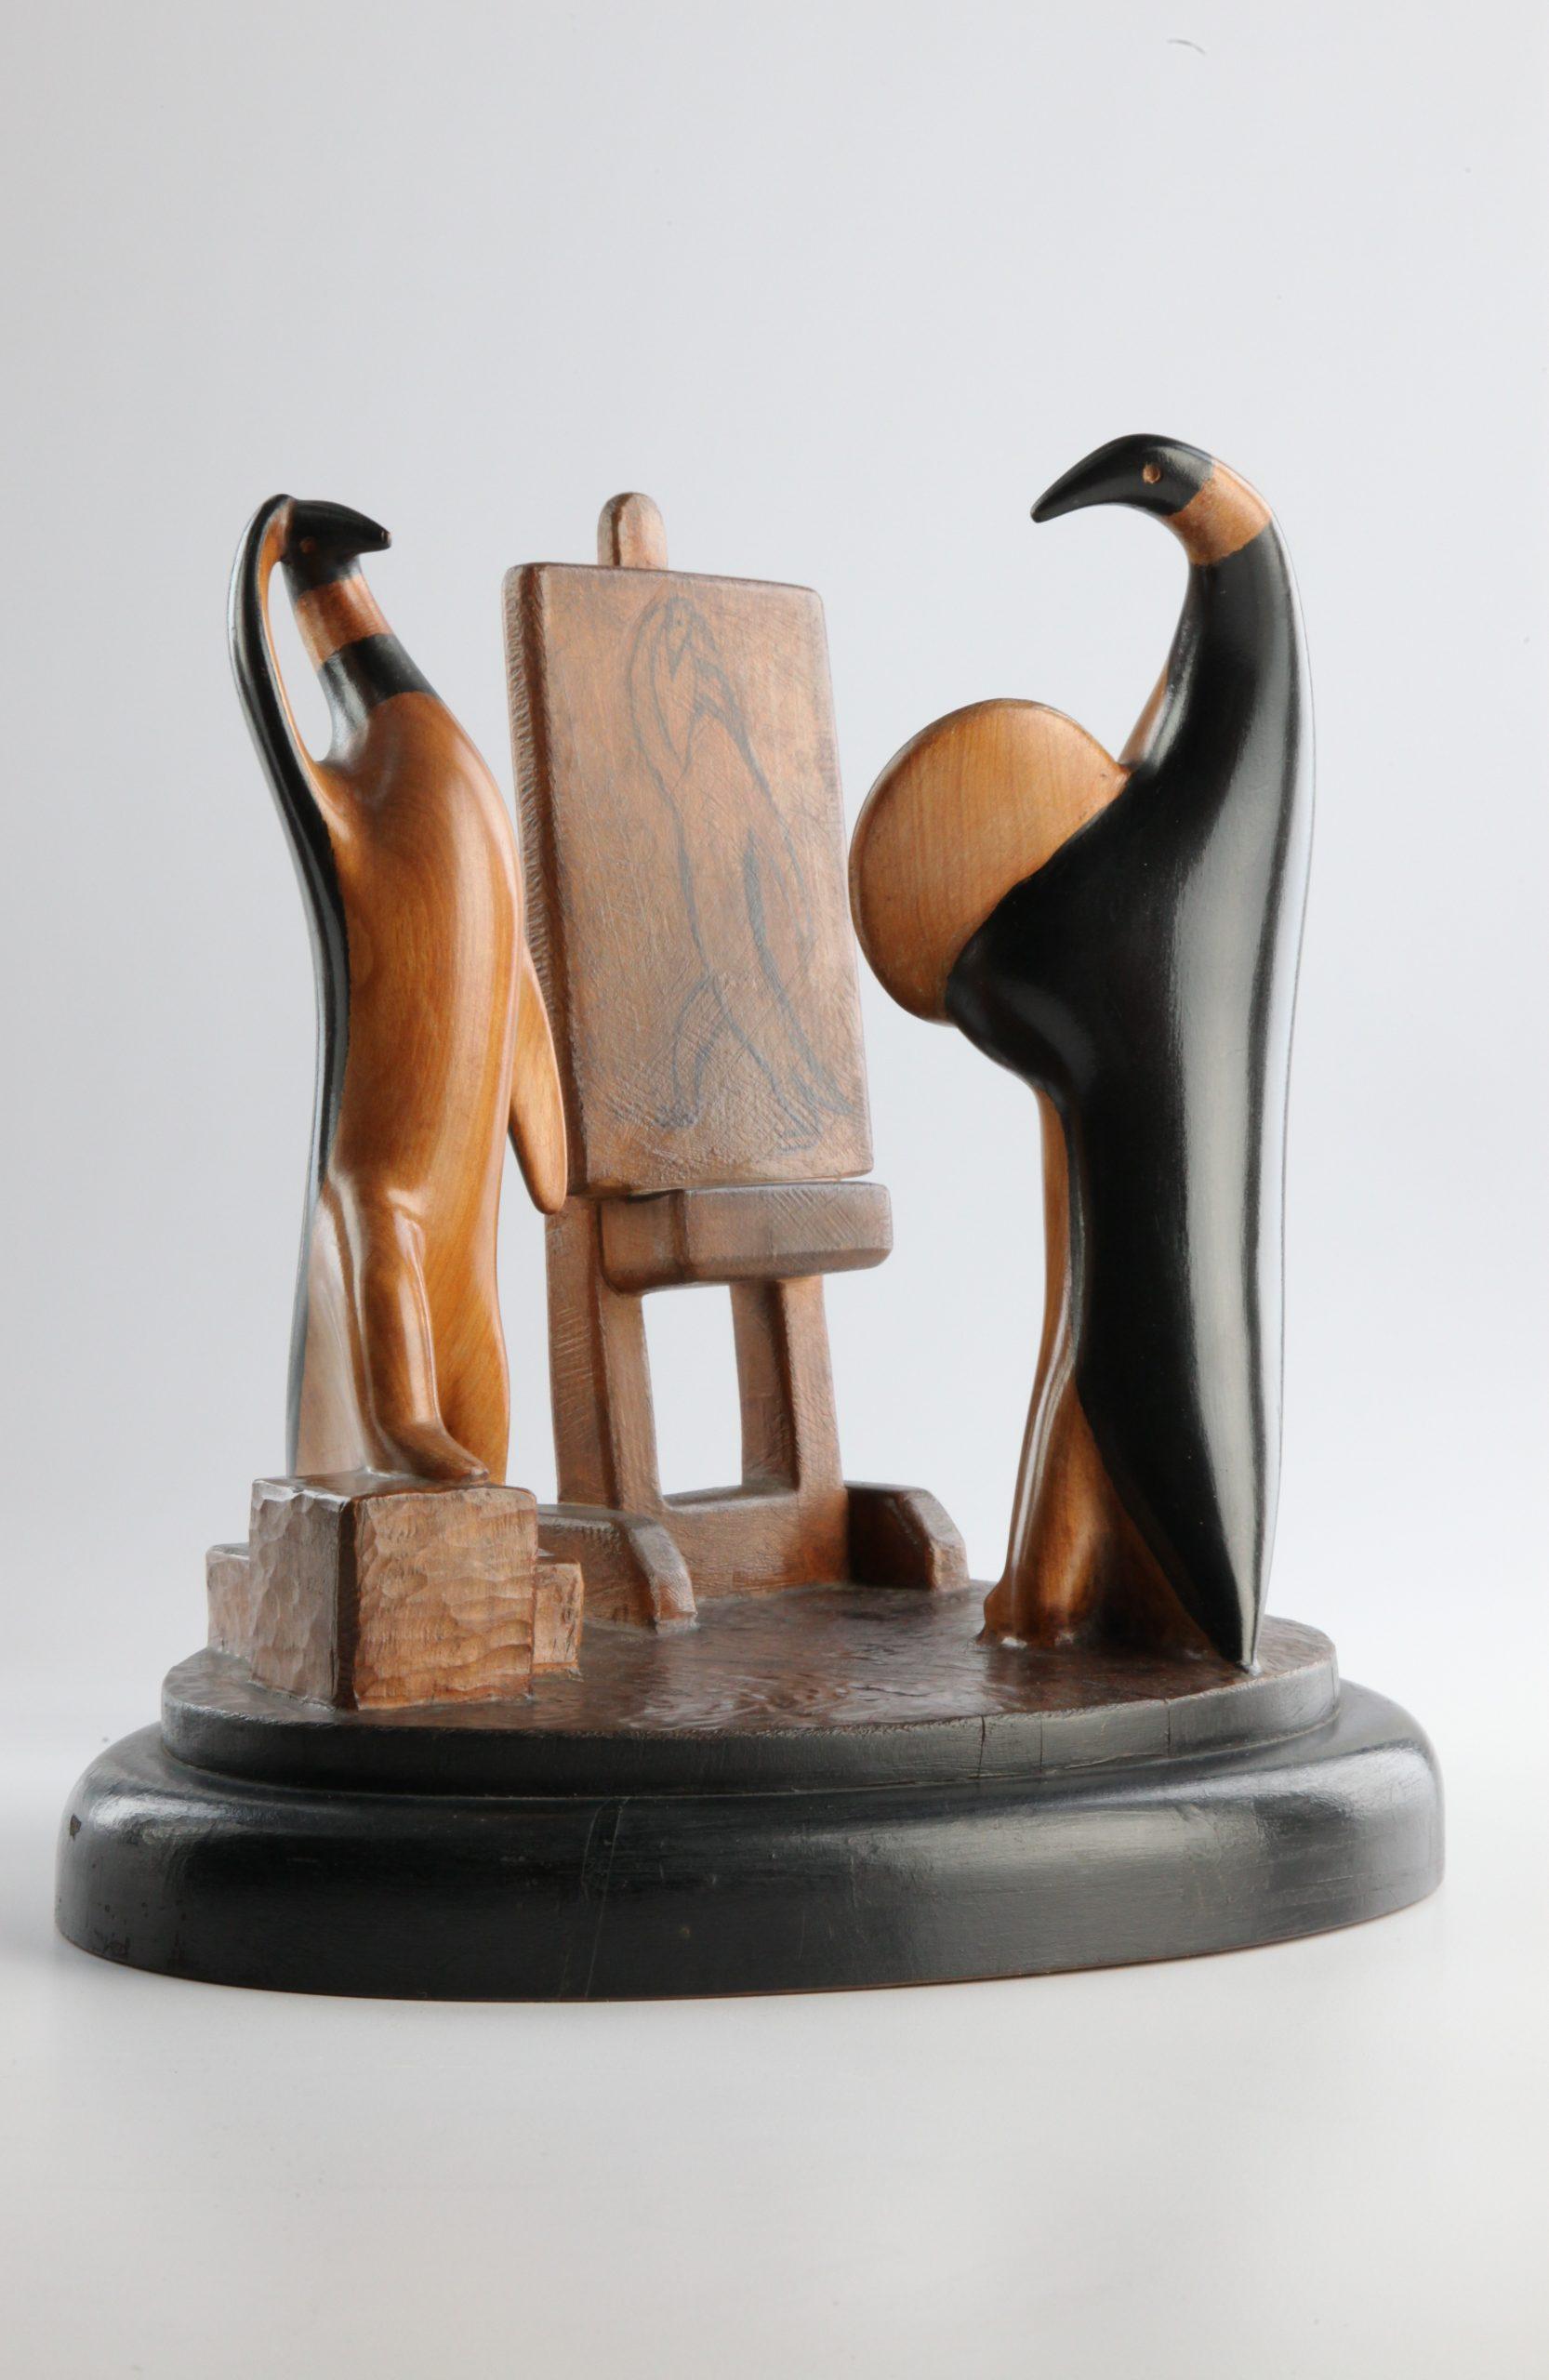 Detalle de una de las obras de pinguinos del escultor Compostela. (Foto suministrada)